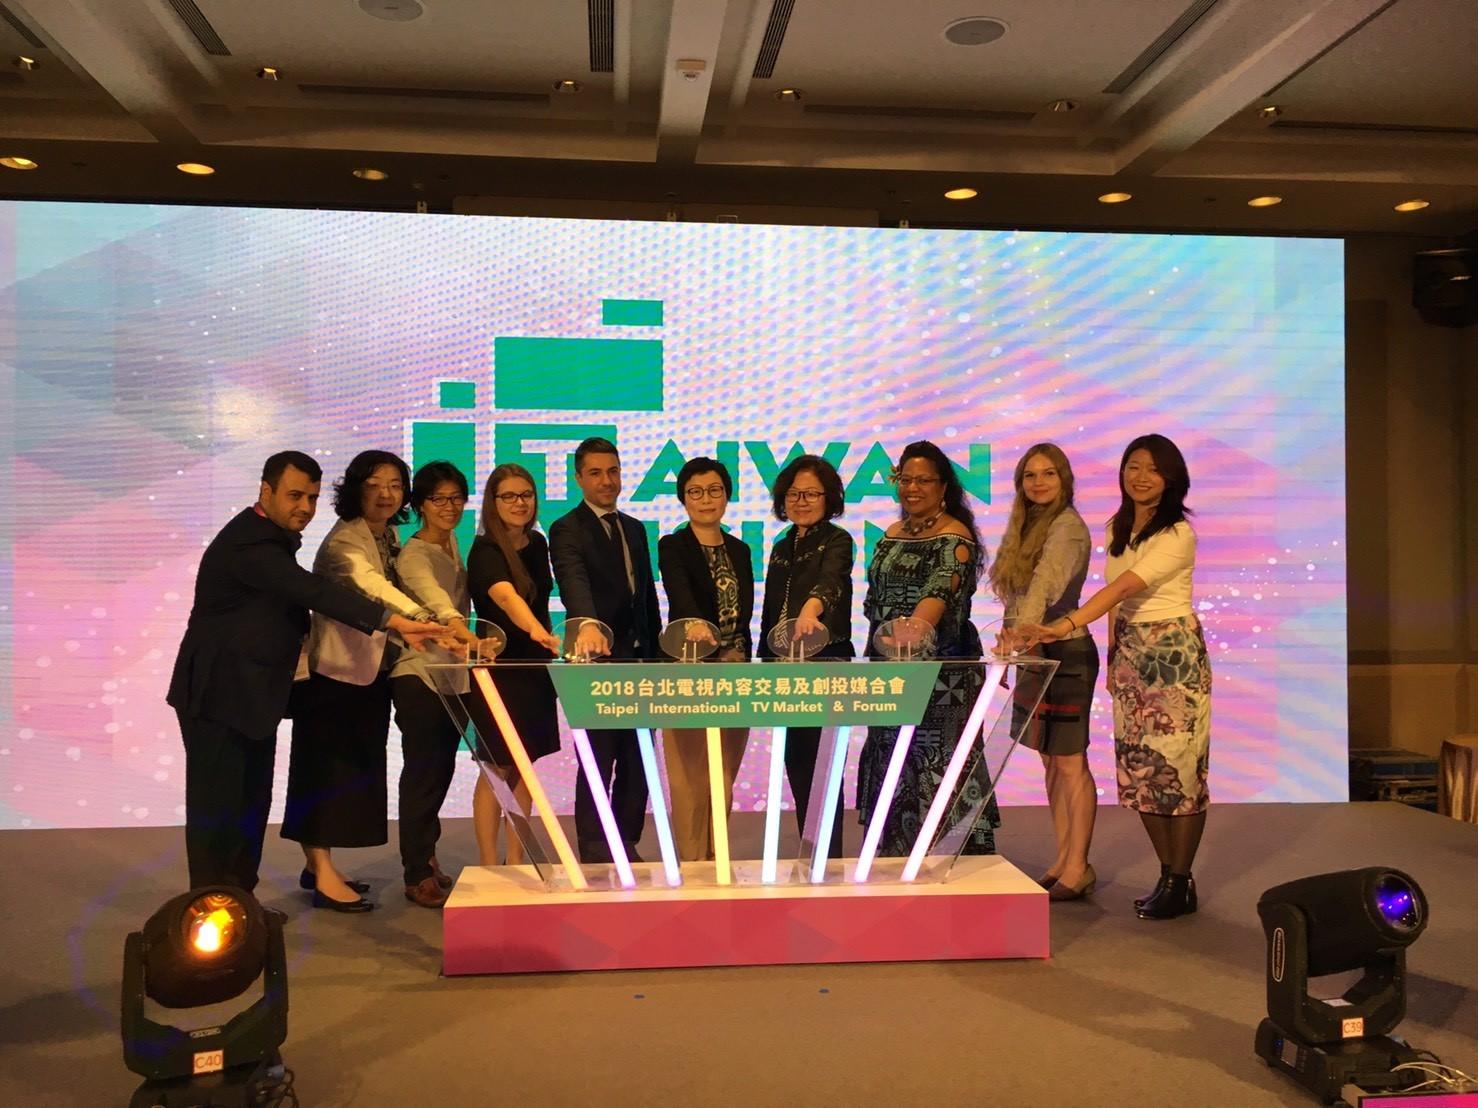 建構電視內容產業生態系 跨域創新向前行 2018台北電視內容交易及創投媒合會今日盛大開展